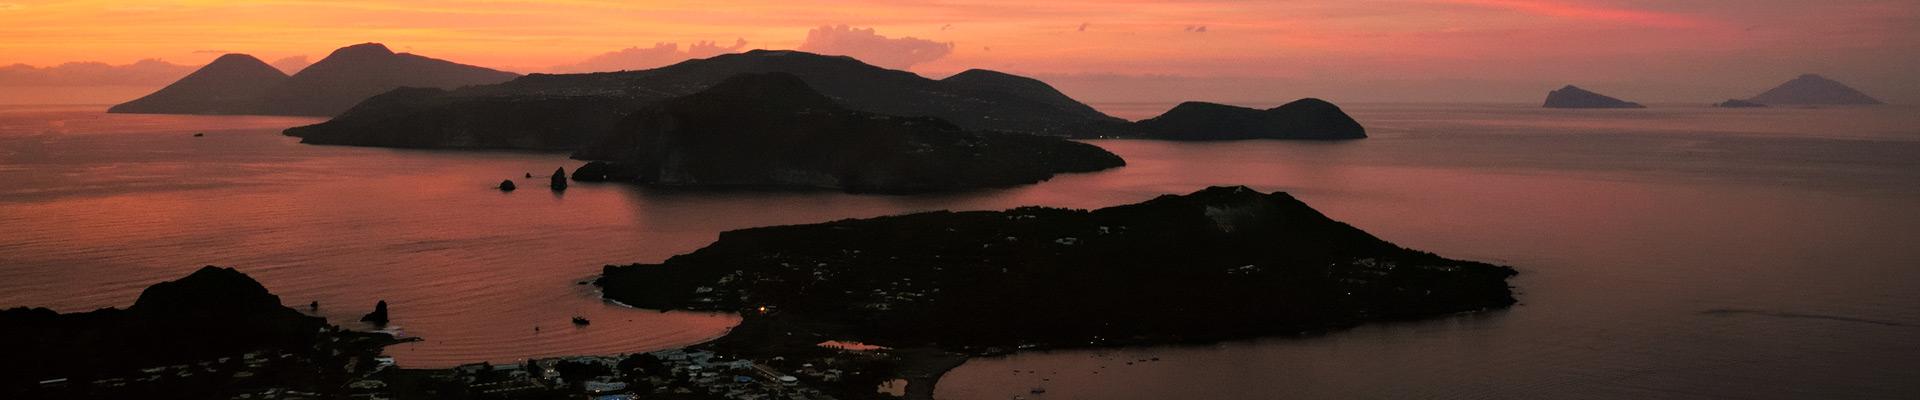 Top image îles Éoliennes au coucher du soleil, Italie